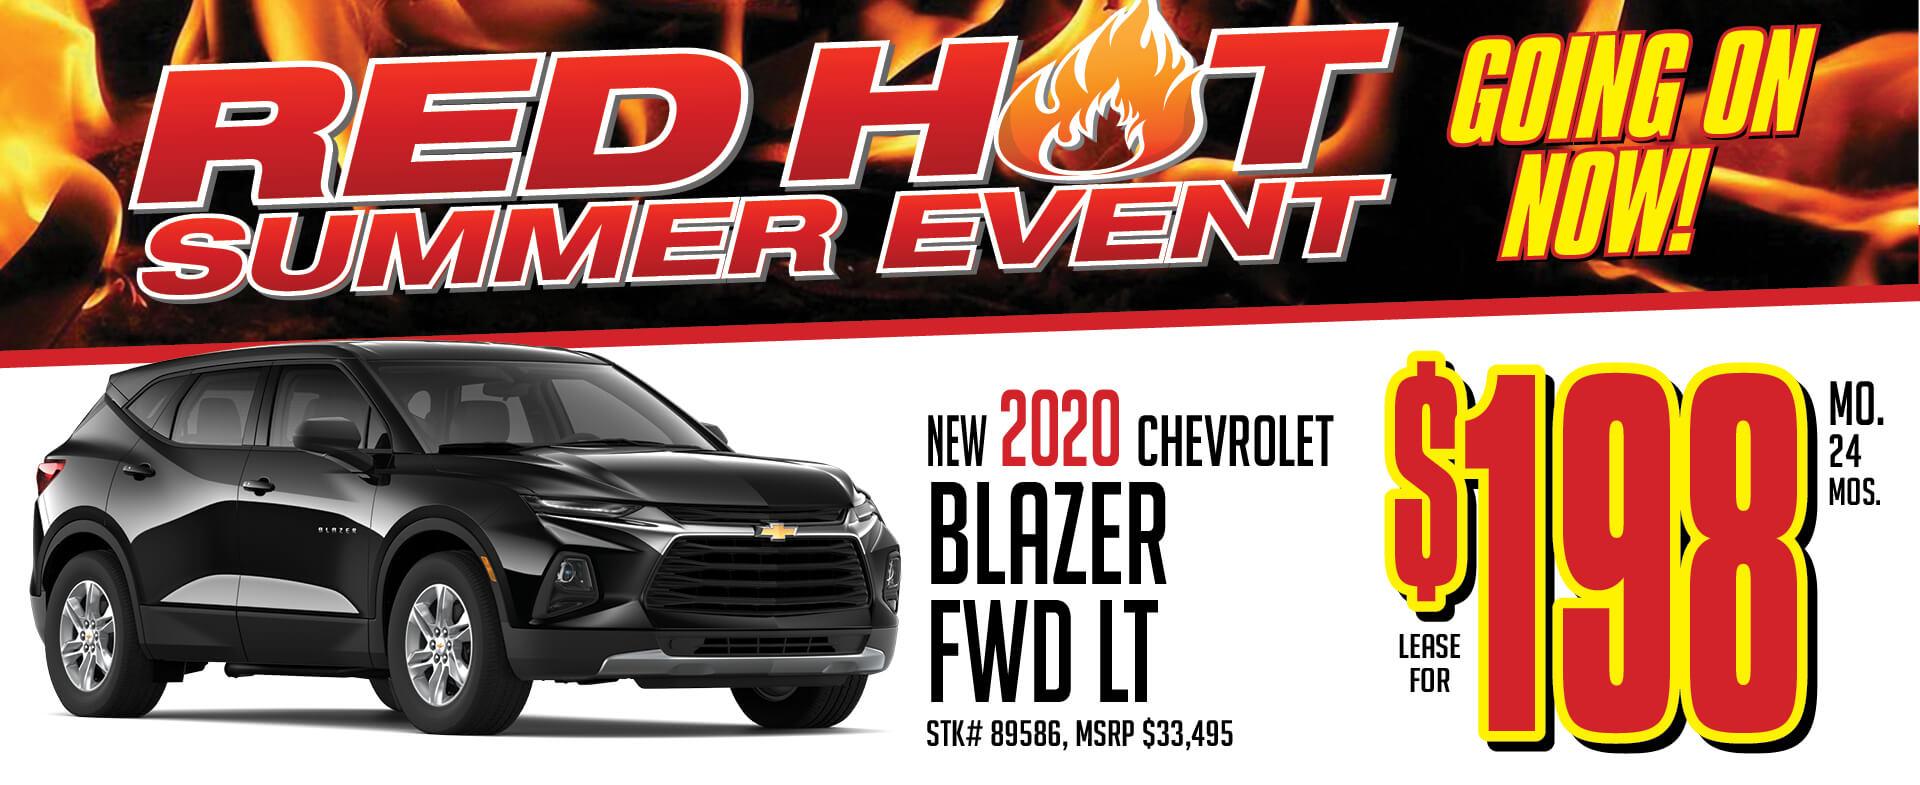 New Used Chevrolet Dealer Long Island Bay Shore Chevrolet